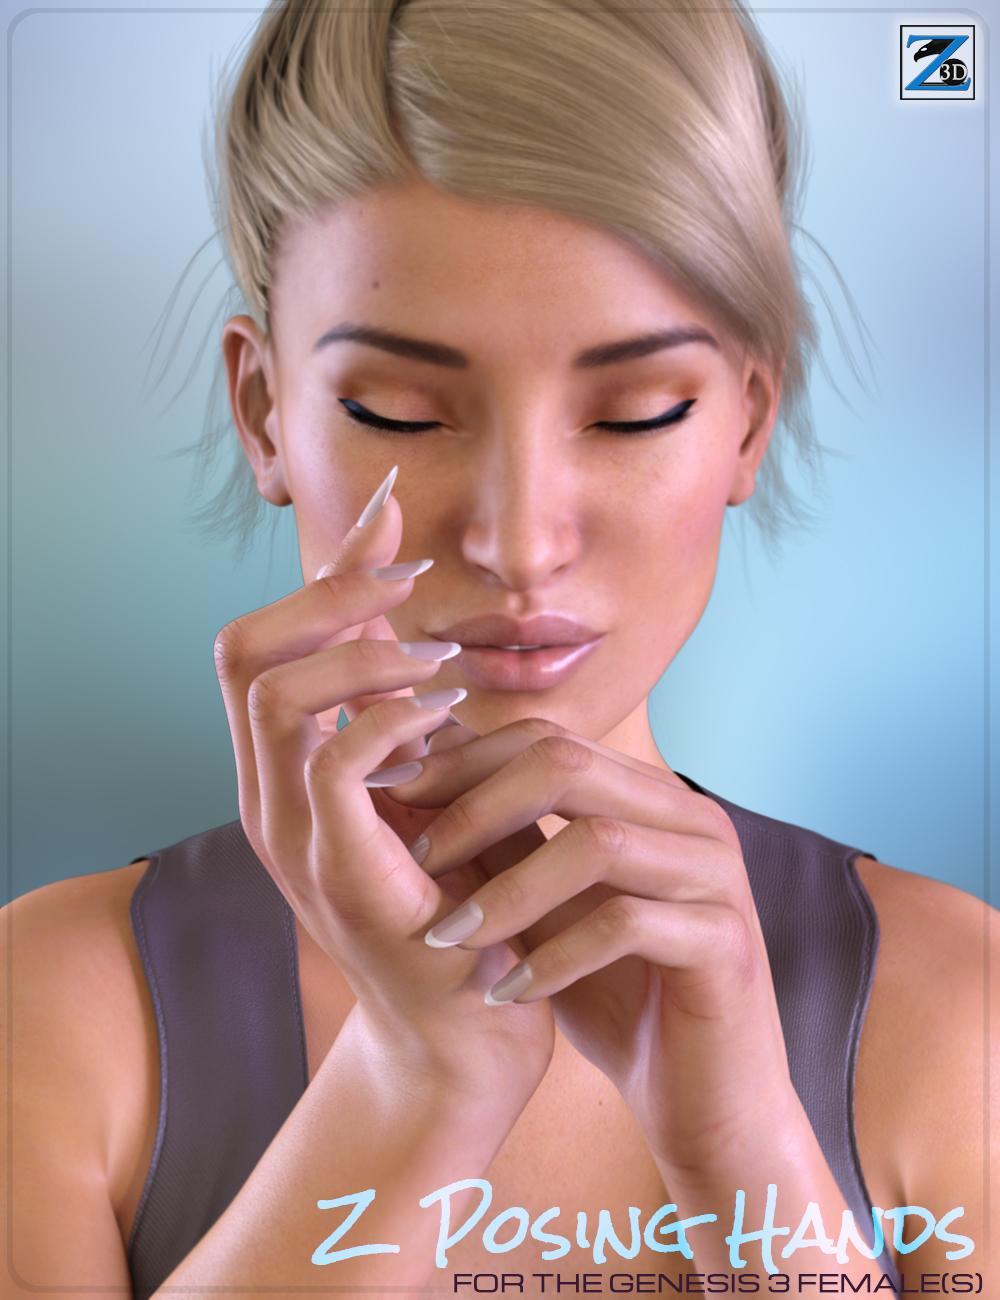 Z Posing Hands for the Genesis 3 Female(s) by: Zeddicuss, 3D Models by Daz 3D